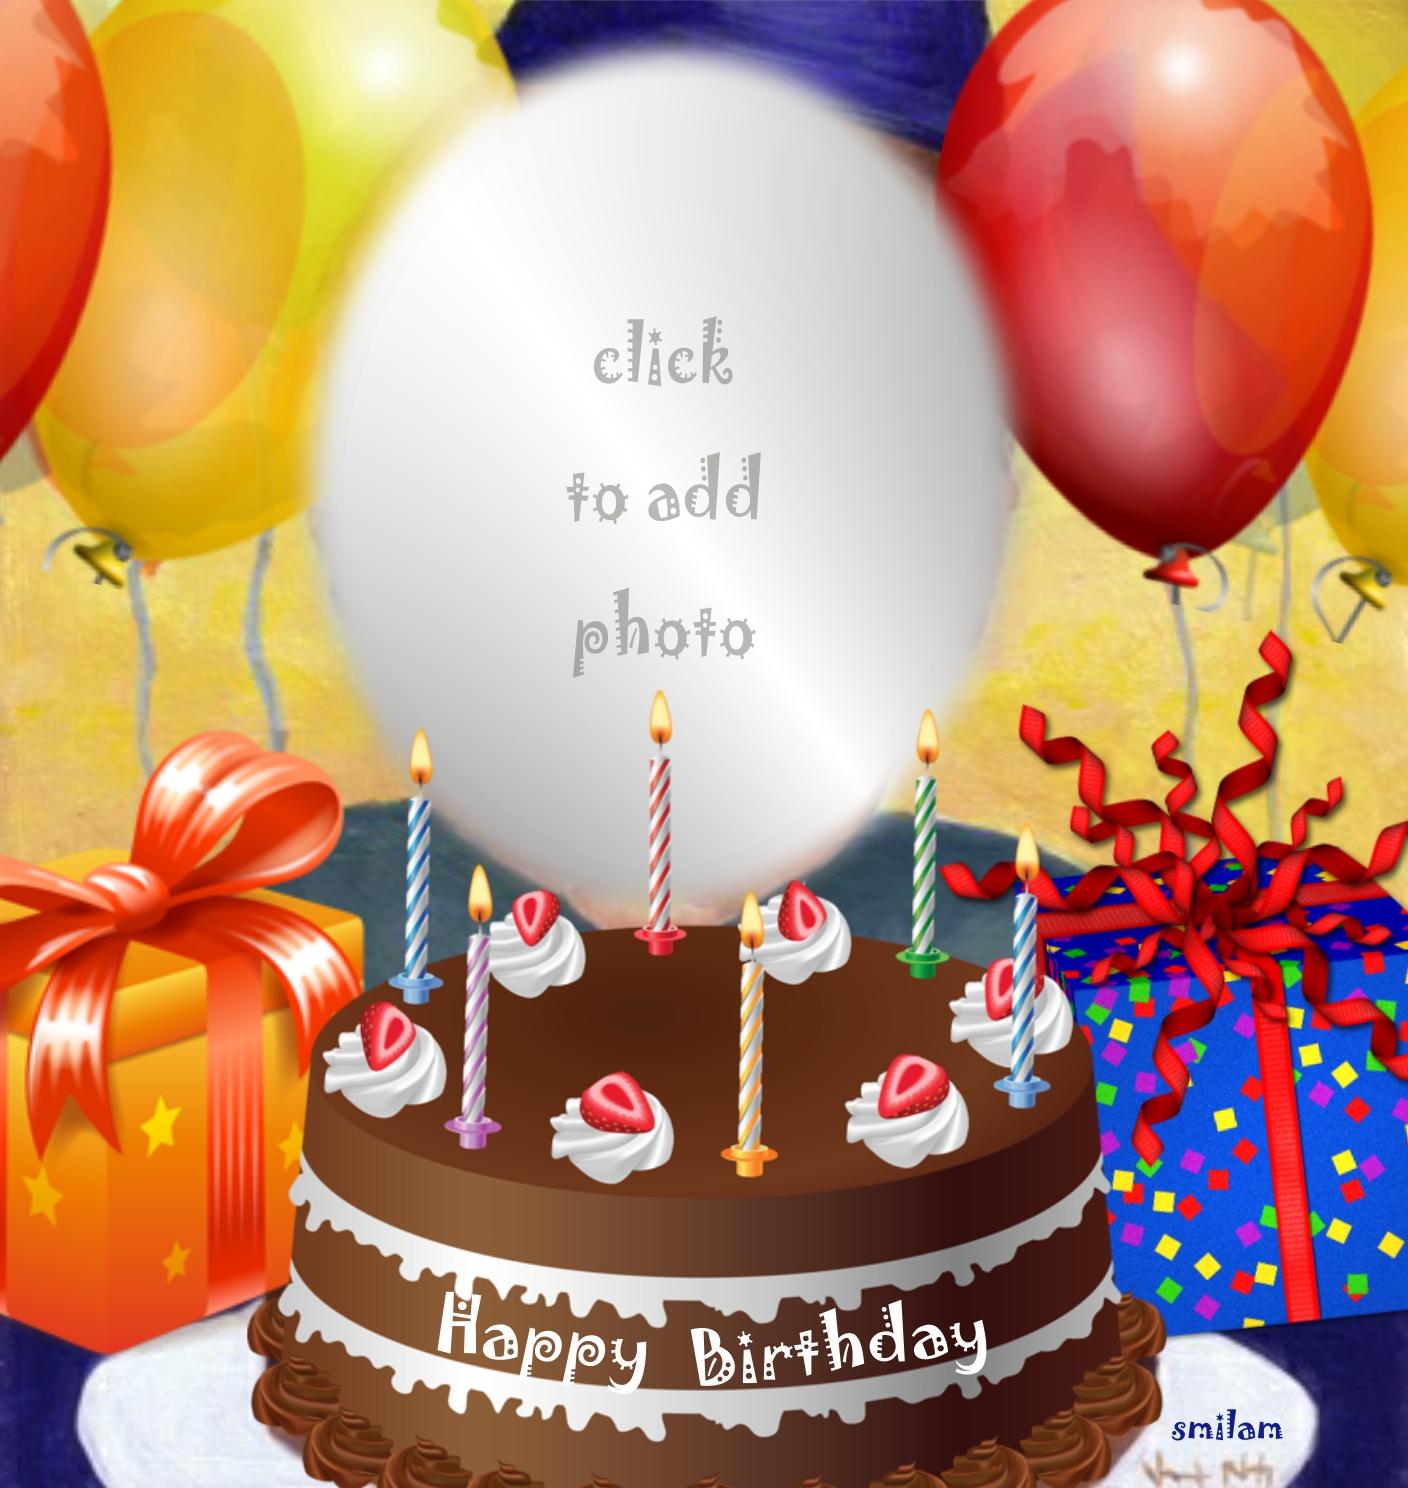 Imikimi Zo Birthday Frames Happy Birthday Happy Birthday Smilam